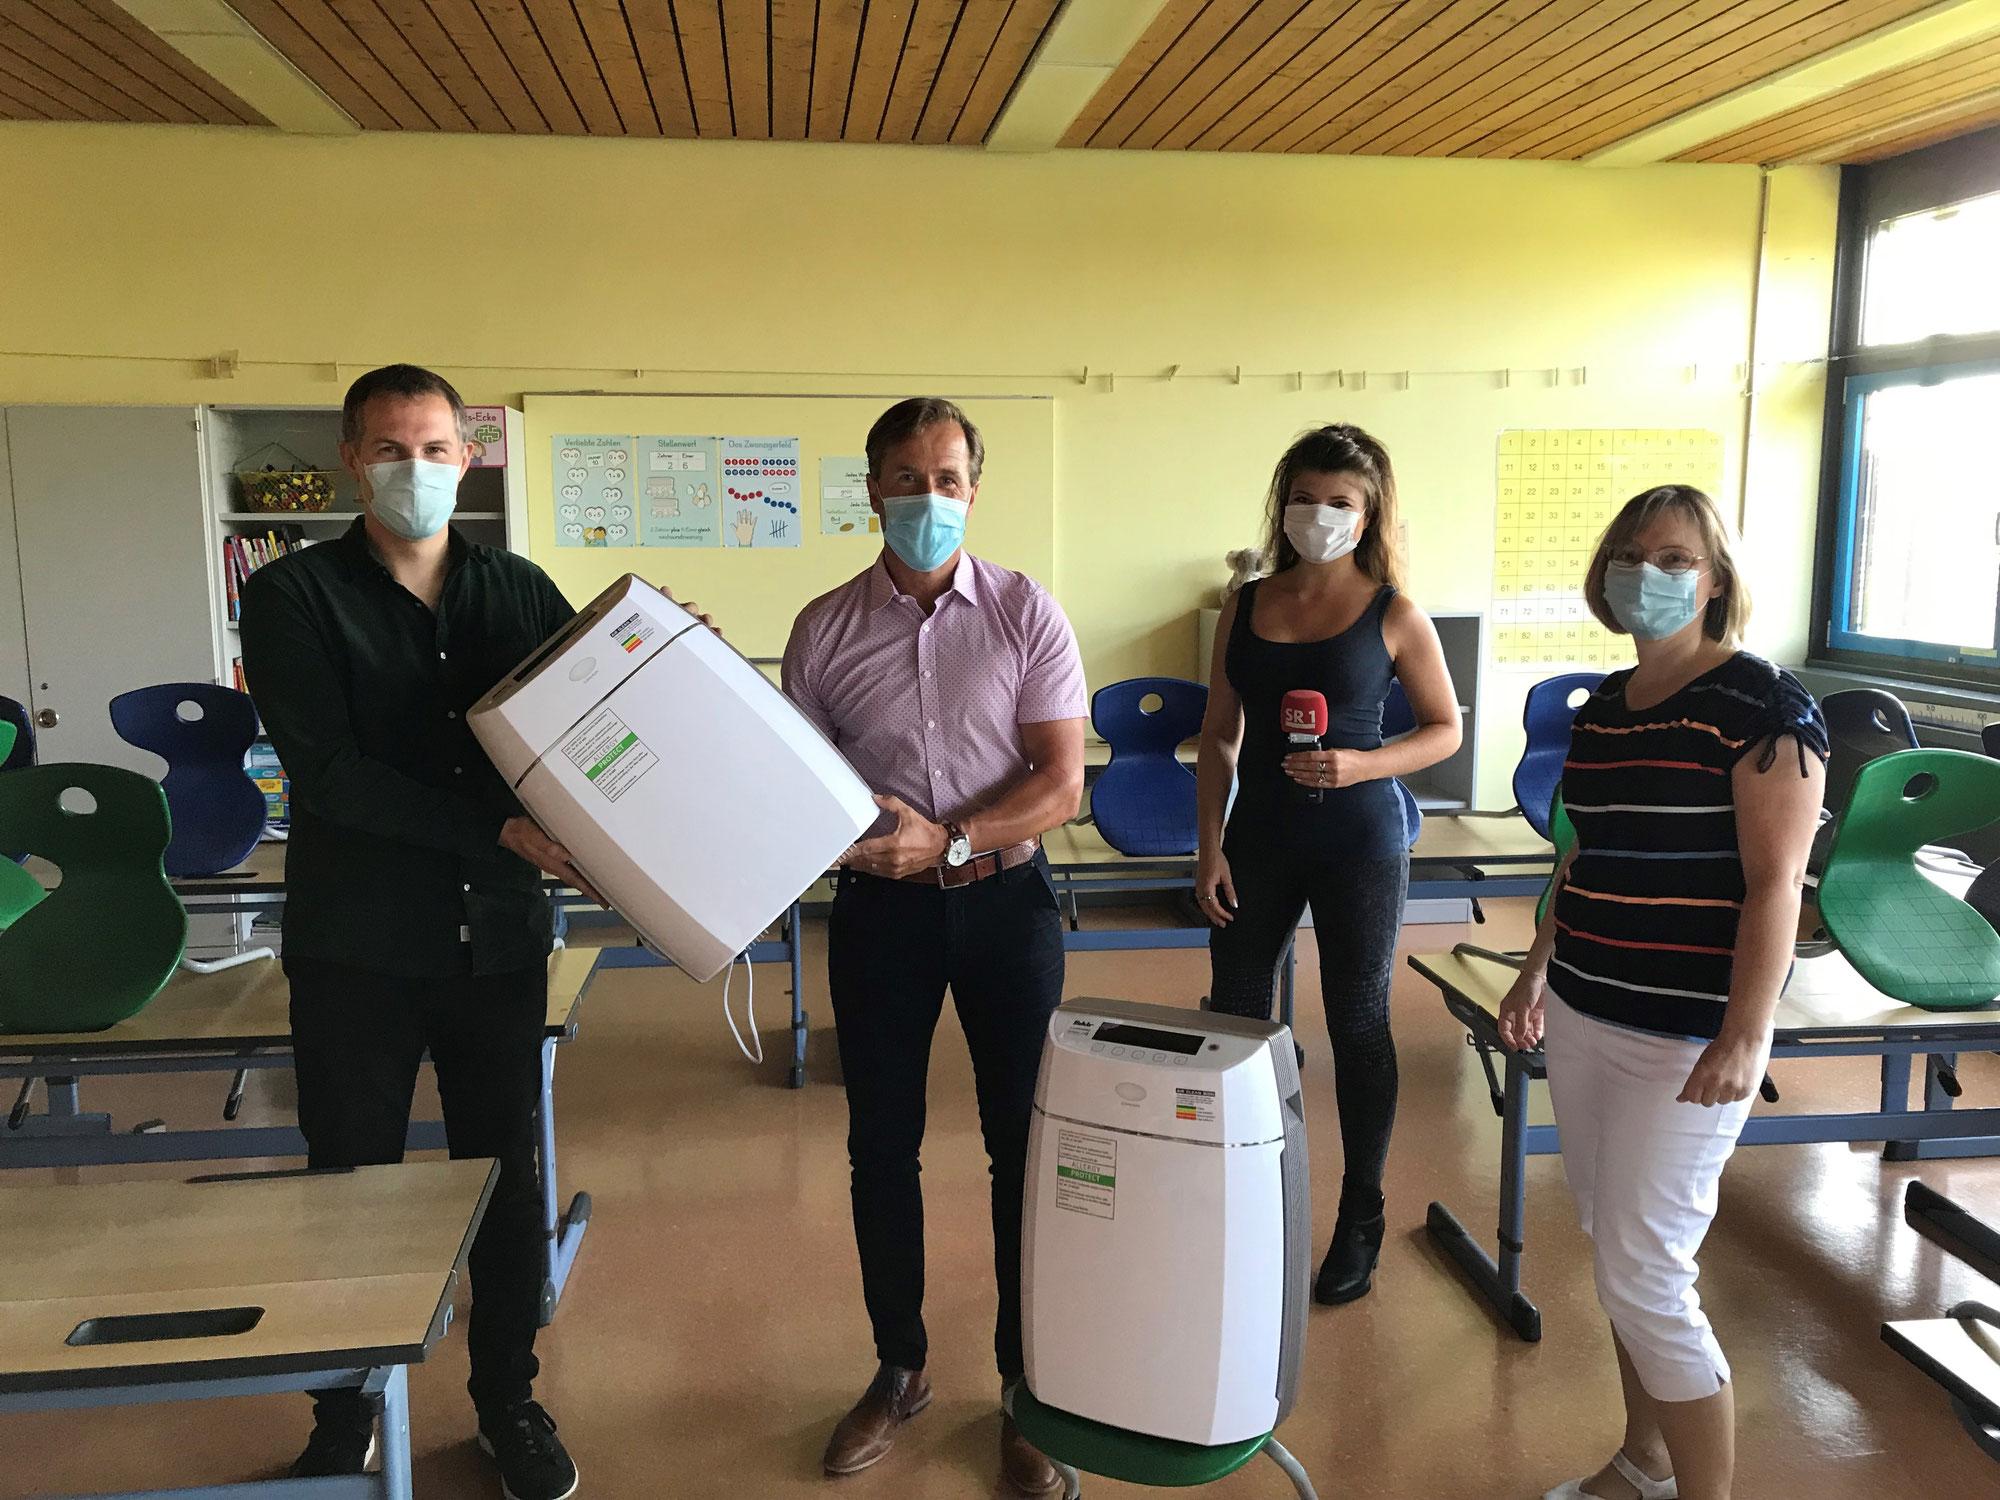 Luftreinigungsgeräte erhalten